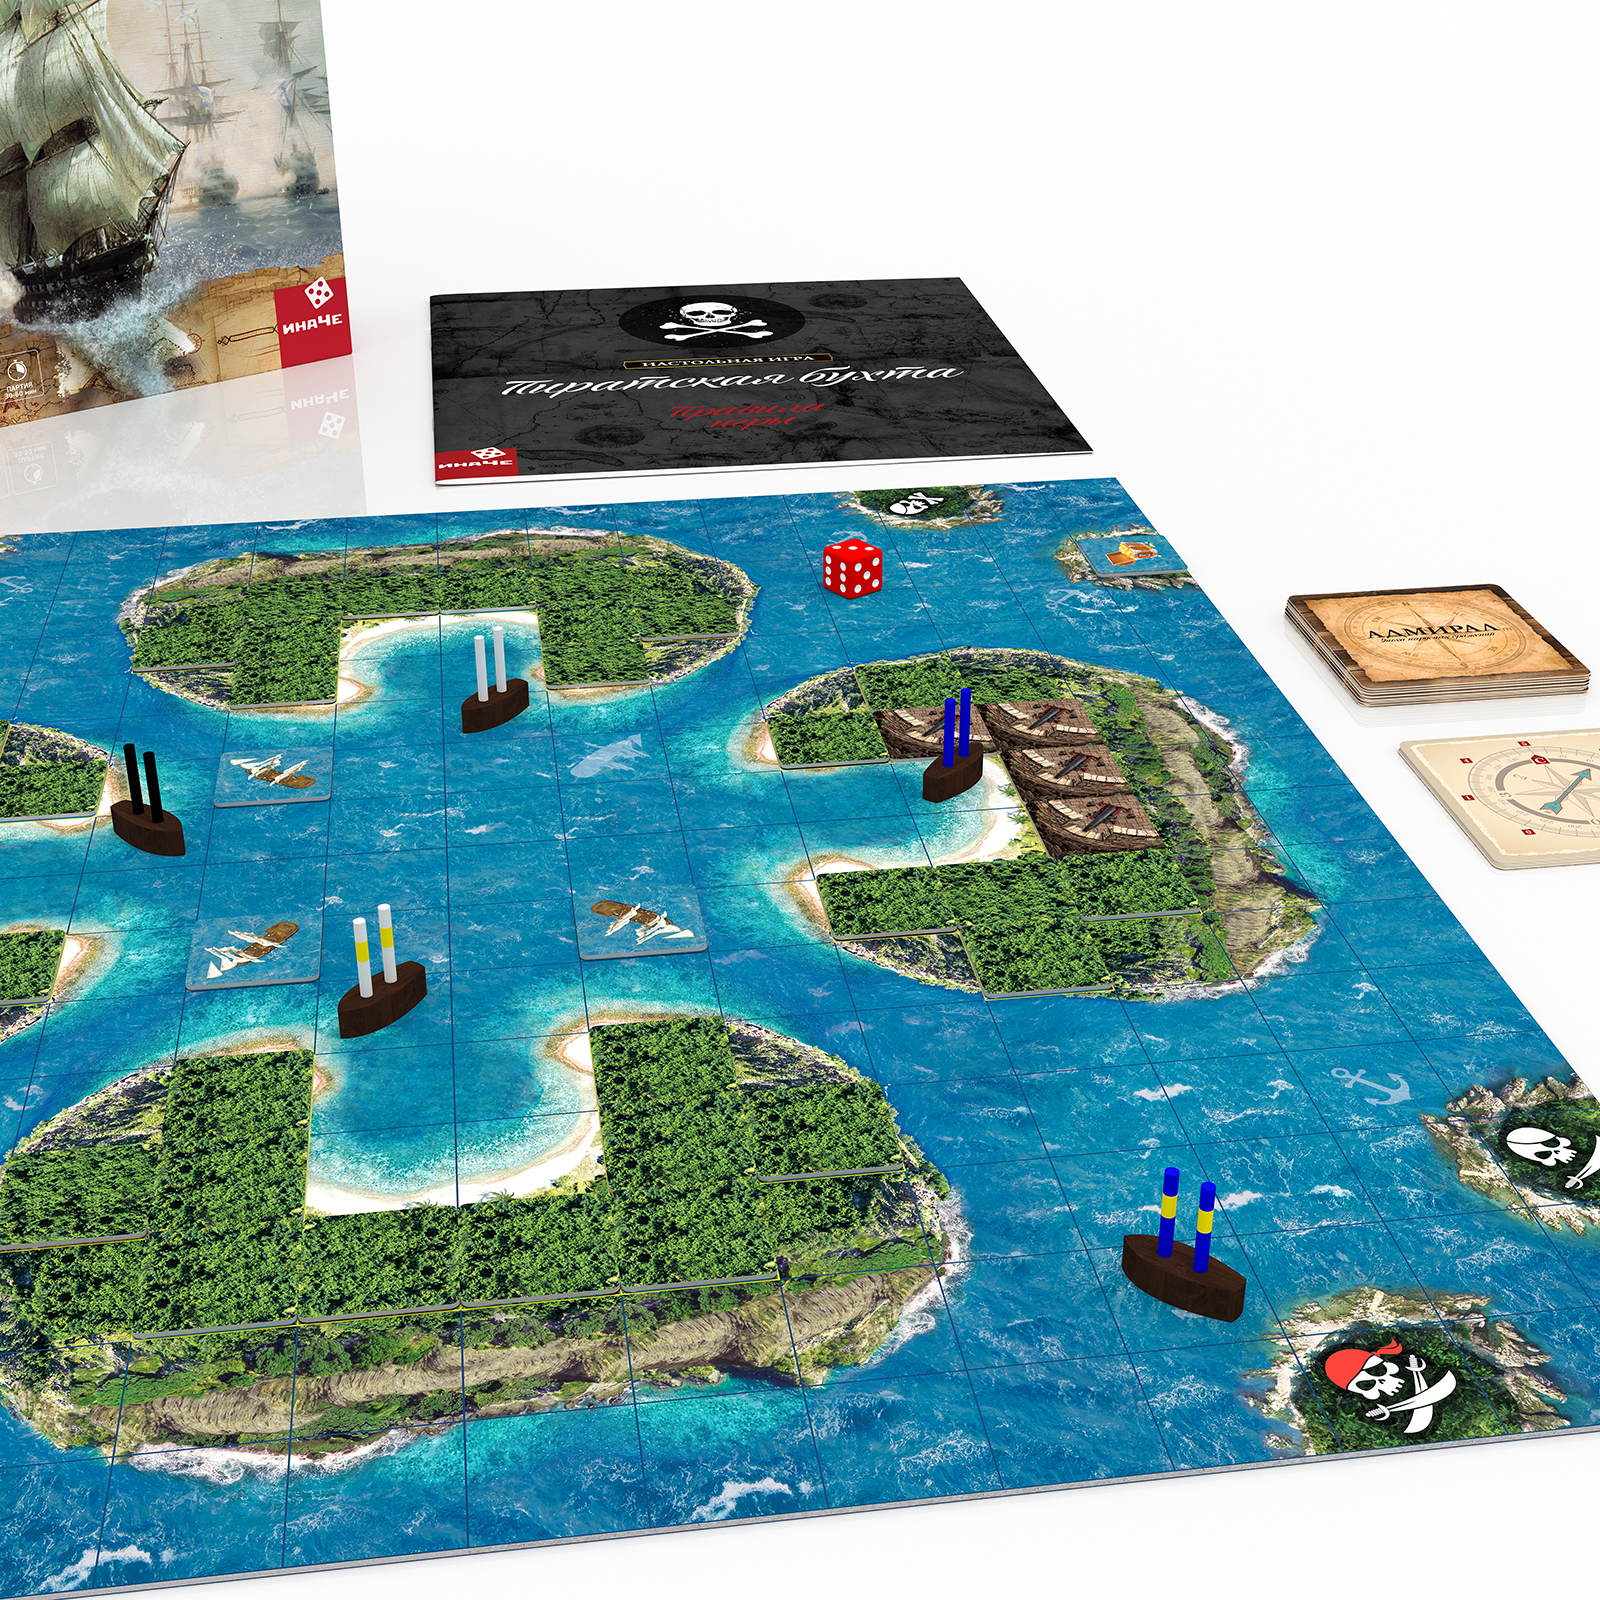 Настольная игра Адмирал:  эпоха парусных сражений с дополнительной игрой Пиратская бухта (третье издание) инаЧе